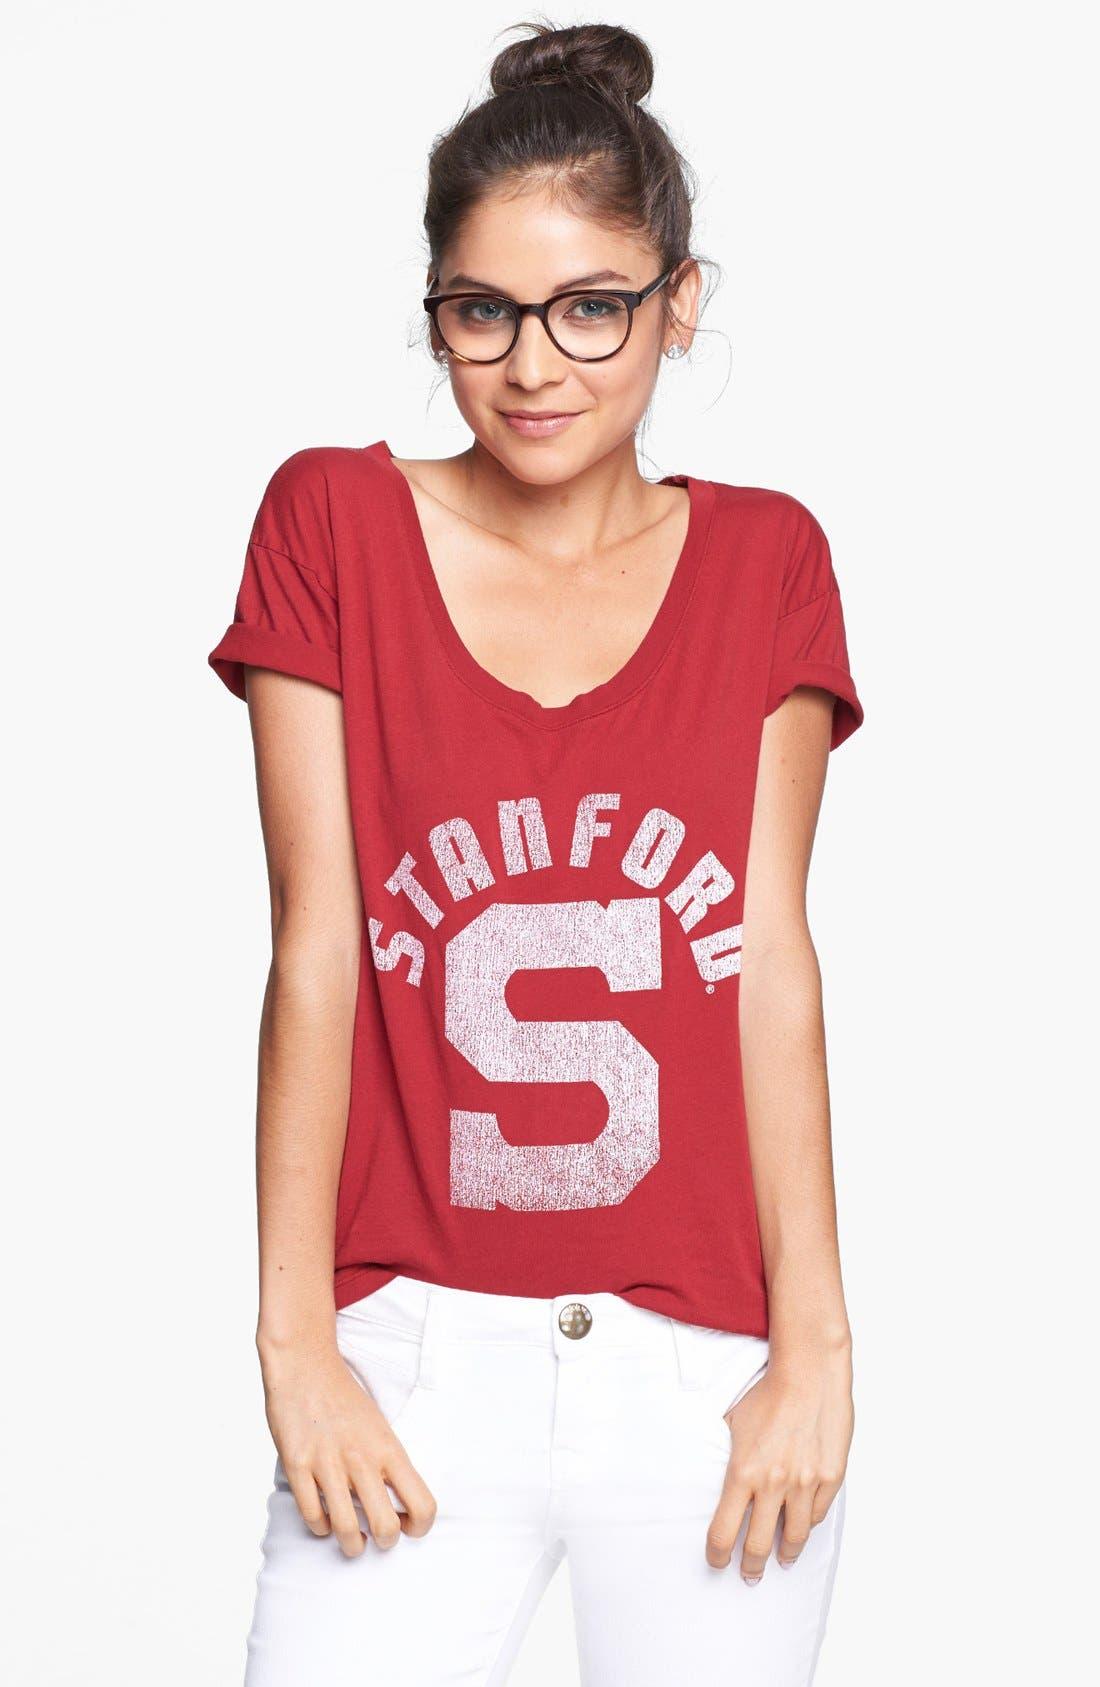 Main Image - Retro Brand 'Stanford University Cardinals' Graphic Tee (Juniors)